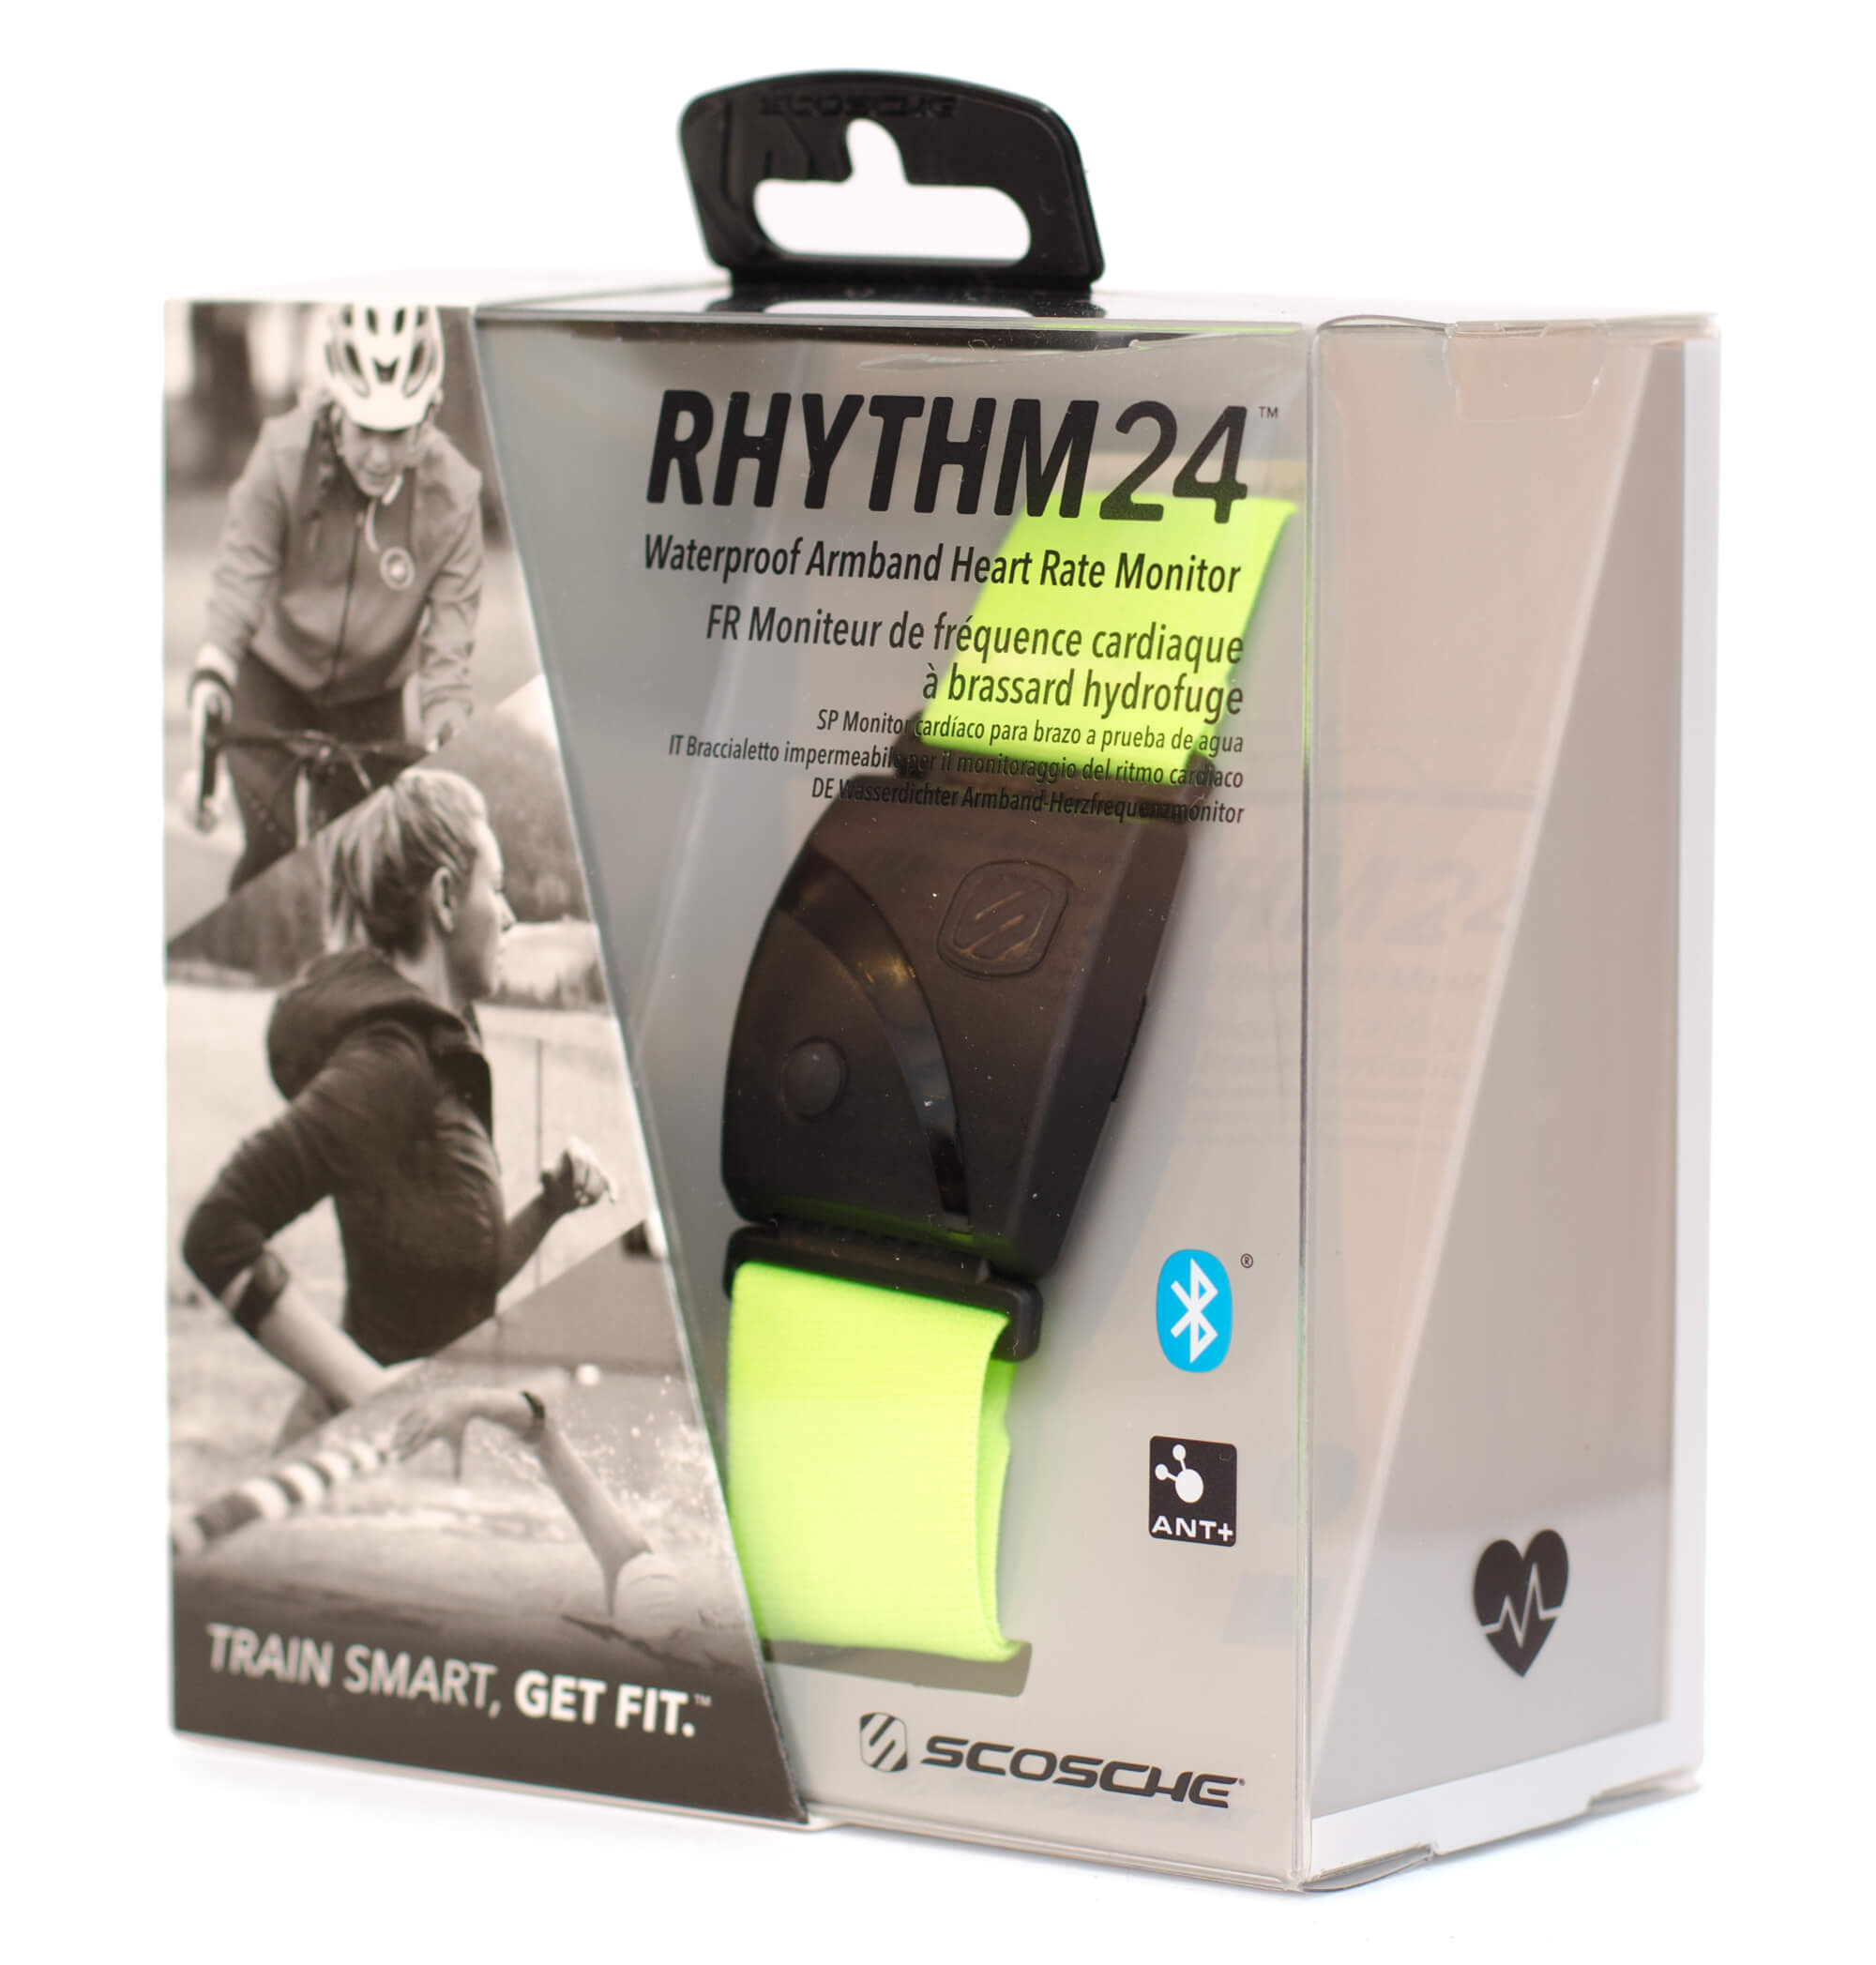 Scosche RHYTHM 24